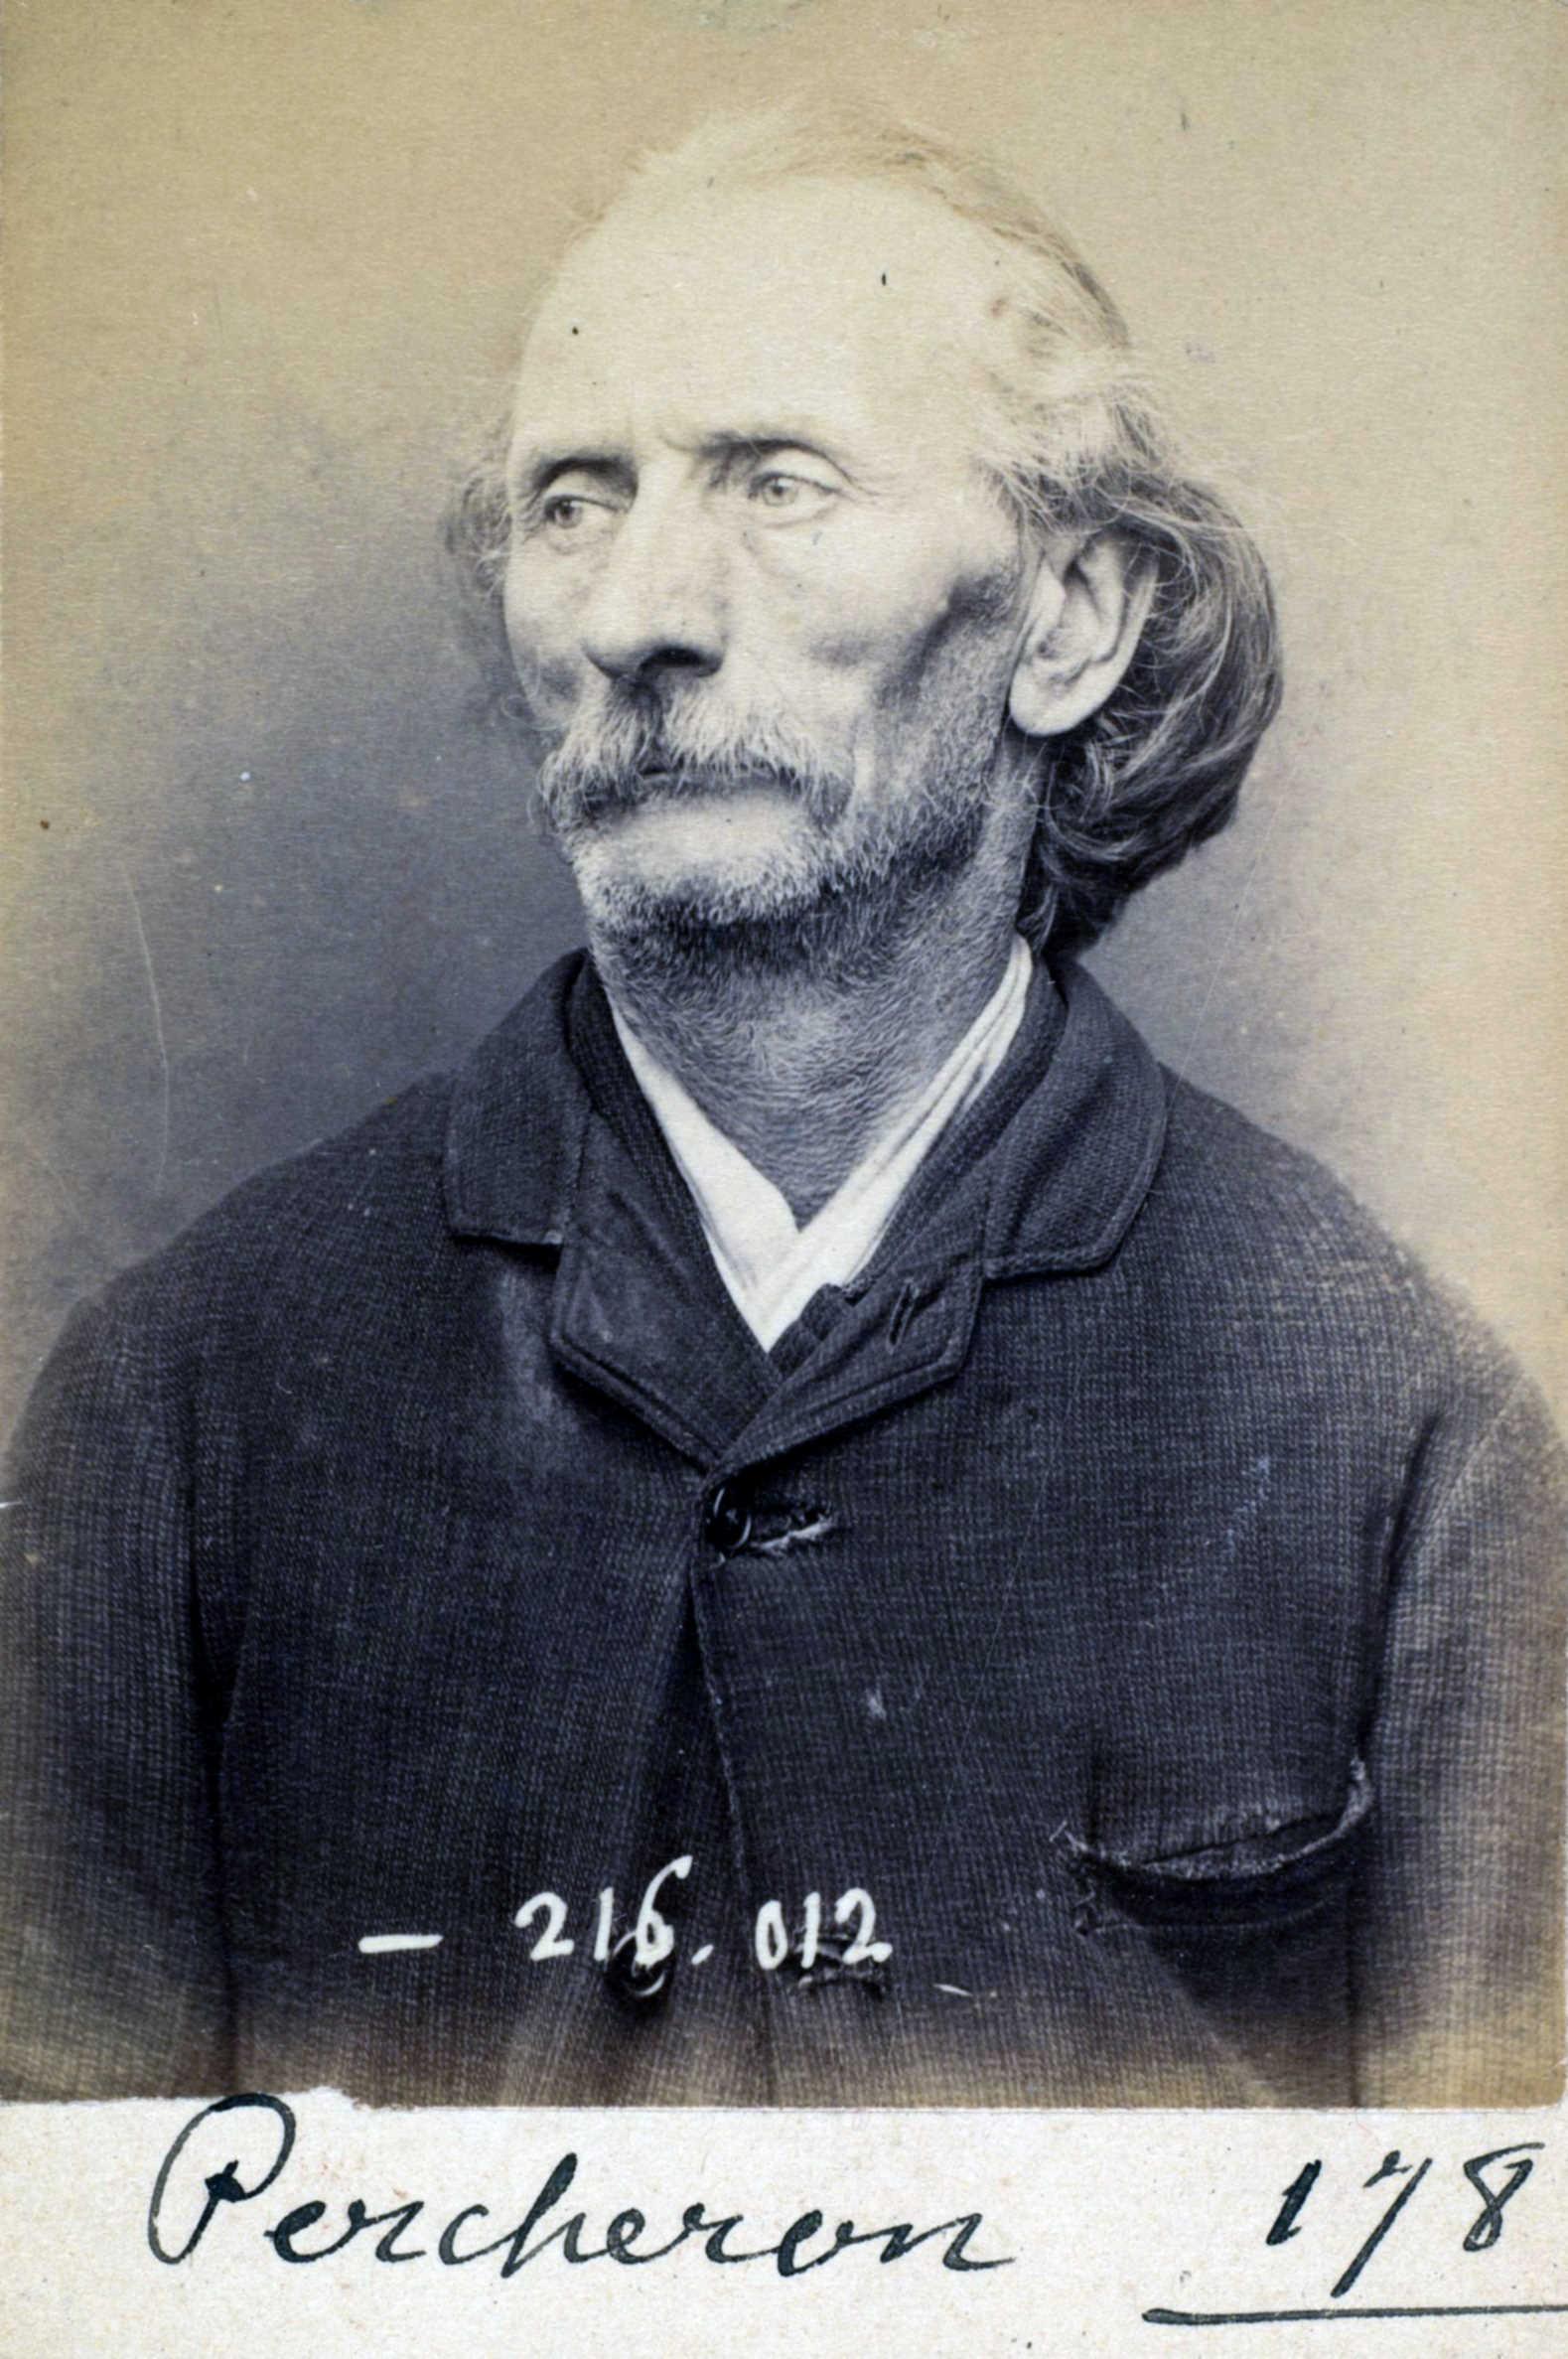 Fotografia policíaca d'Auguste Percheron (21 de març de 1894)